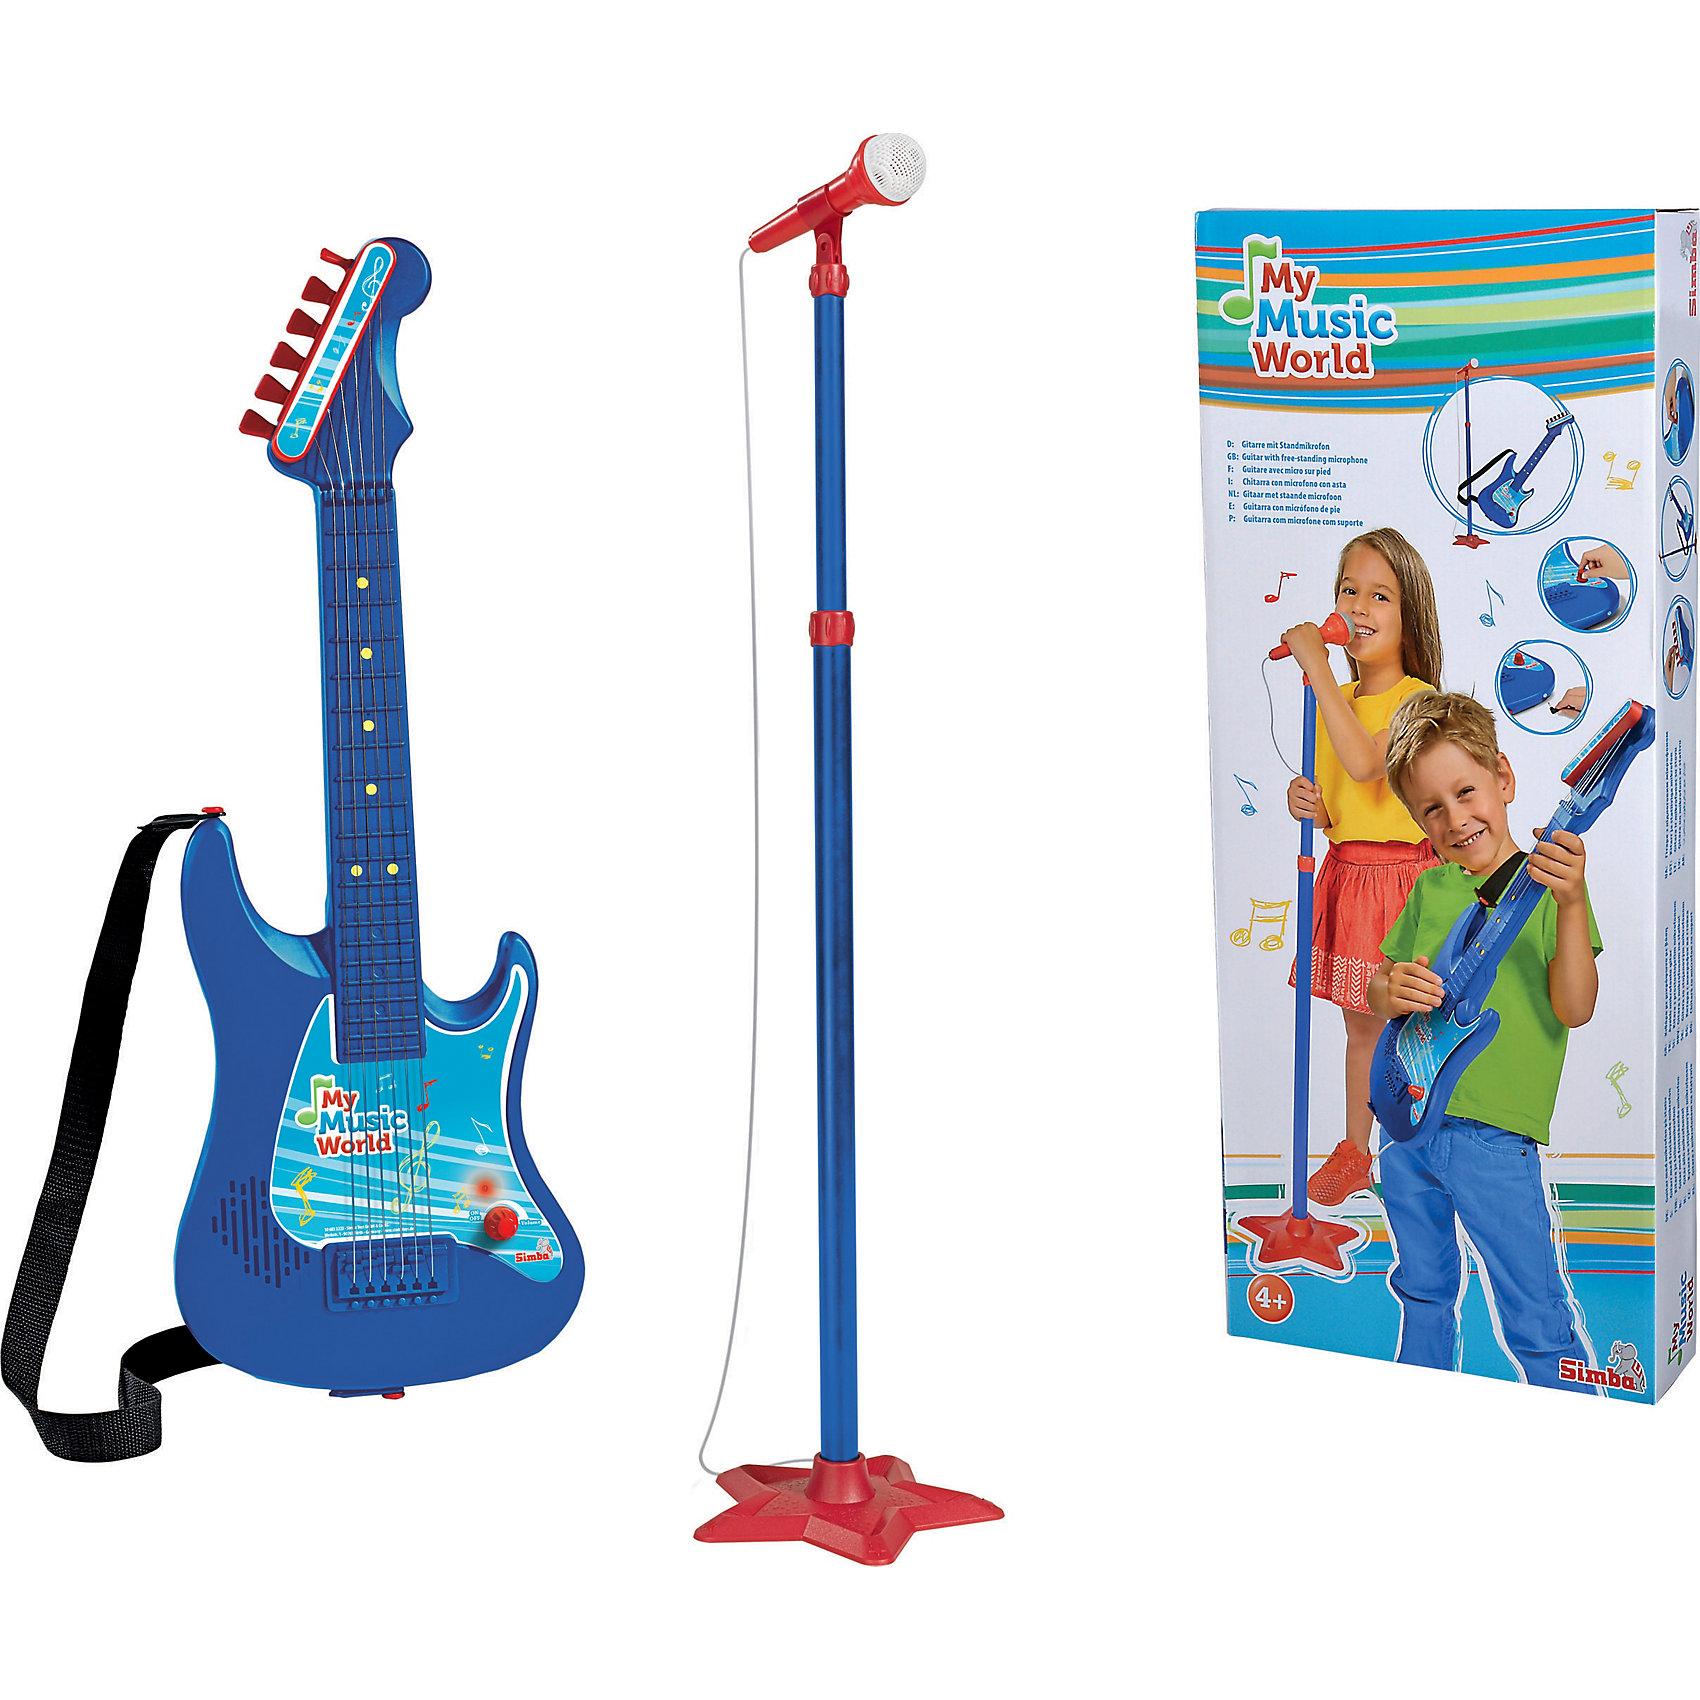 Гитара + микрофон, SimbaДетские музыкальные инструменты<br>Характеристики:<br><br>• в комплекте: гитара, стойка, микрофон, ремень для гитары, инструкция;<br>• встроенный динамик;<br>• регулируемая громкость;<br>• есть возможность подтянуть струны;<br>• материал: пластик;<br>• батарейки: АА - 3 шт. (не входят в комплект);<br>• длина гитары: 62 см;<br>• размер упаковки: 64х26,5х7,5 см;<br>• вес: 1,03 кг;<br>• страна бренда: Германия.<br><br>Микрофон и гитара - то, что нужно начинающему артисту. Комплект от Simba состоит из гитары с ремнем и стойки с микрофоном. Форма гитары удобна для детских рук, что обязательно порадует юную звезду.<br><br>Гитара оснащена встроенным динамиком, соединенным с микрофоном. Когда артист будет петь - его голос будет звучать через динамик гитары. Громкость звука можно регулировать по вашему усмотрению.<br><br>Игрушки изготовлены из прочного пластика, окрашенного безопасными красителями.<br><br>Гитару + микрофон, Simba (Симба) можно купить в нашем интернет-магазине.<br><br>Ширина мм: 648<br>Глубина мм: 264<br>Высота мм: 73<br>Вес г: 972<br>Возраст от месяцев: 48<br>Возраст до месяцев: 2147483647<br>Пол: Унисекс<br>Возраст: Детский<br>SKU: 2575194